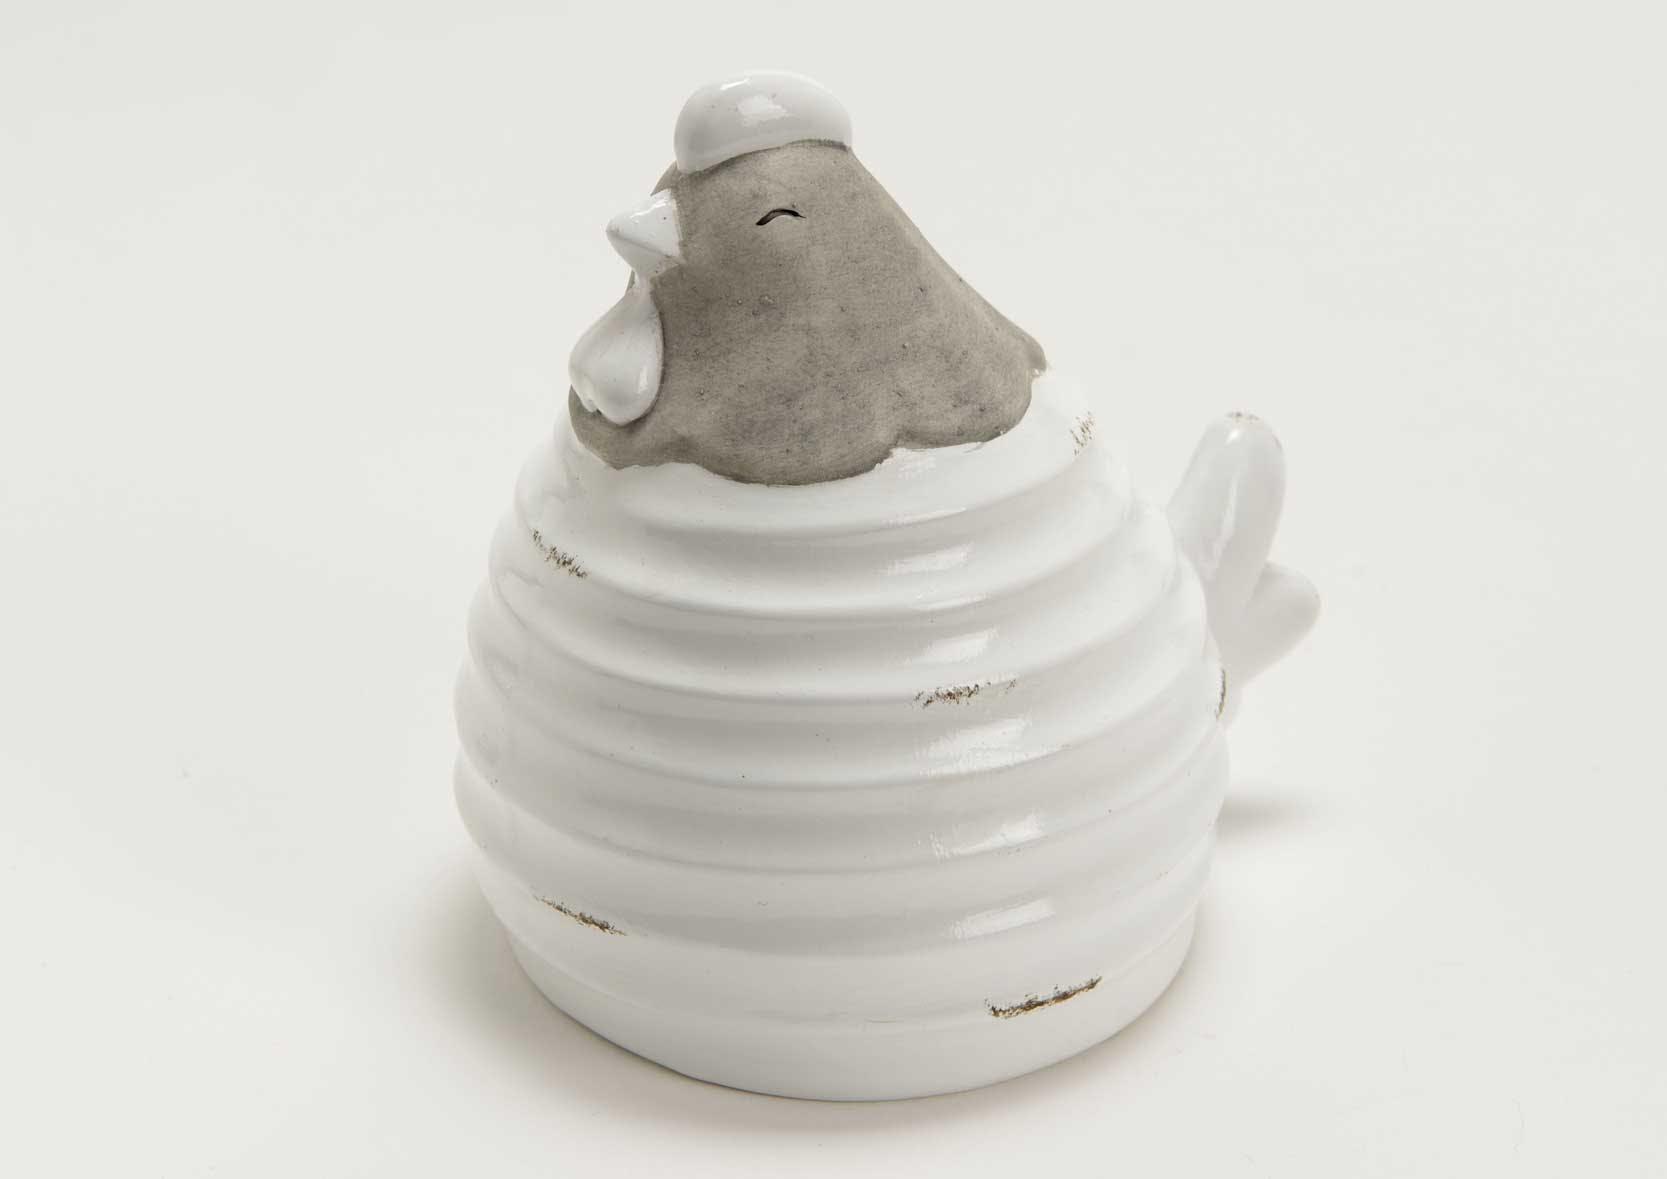 Poule terracotta striée blanche et taupe aspect brillant et mat 10x12x14cm